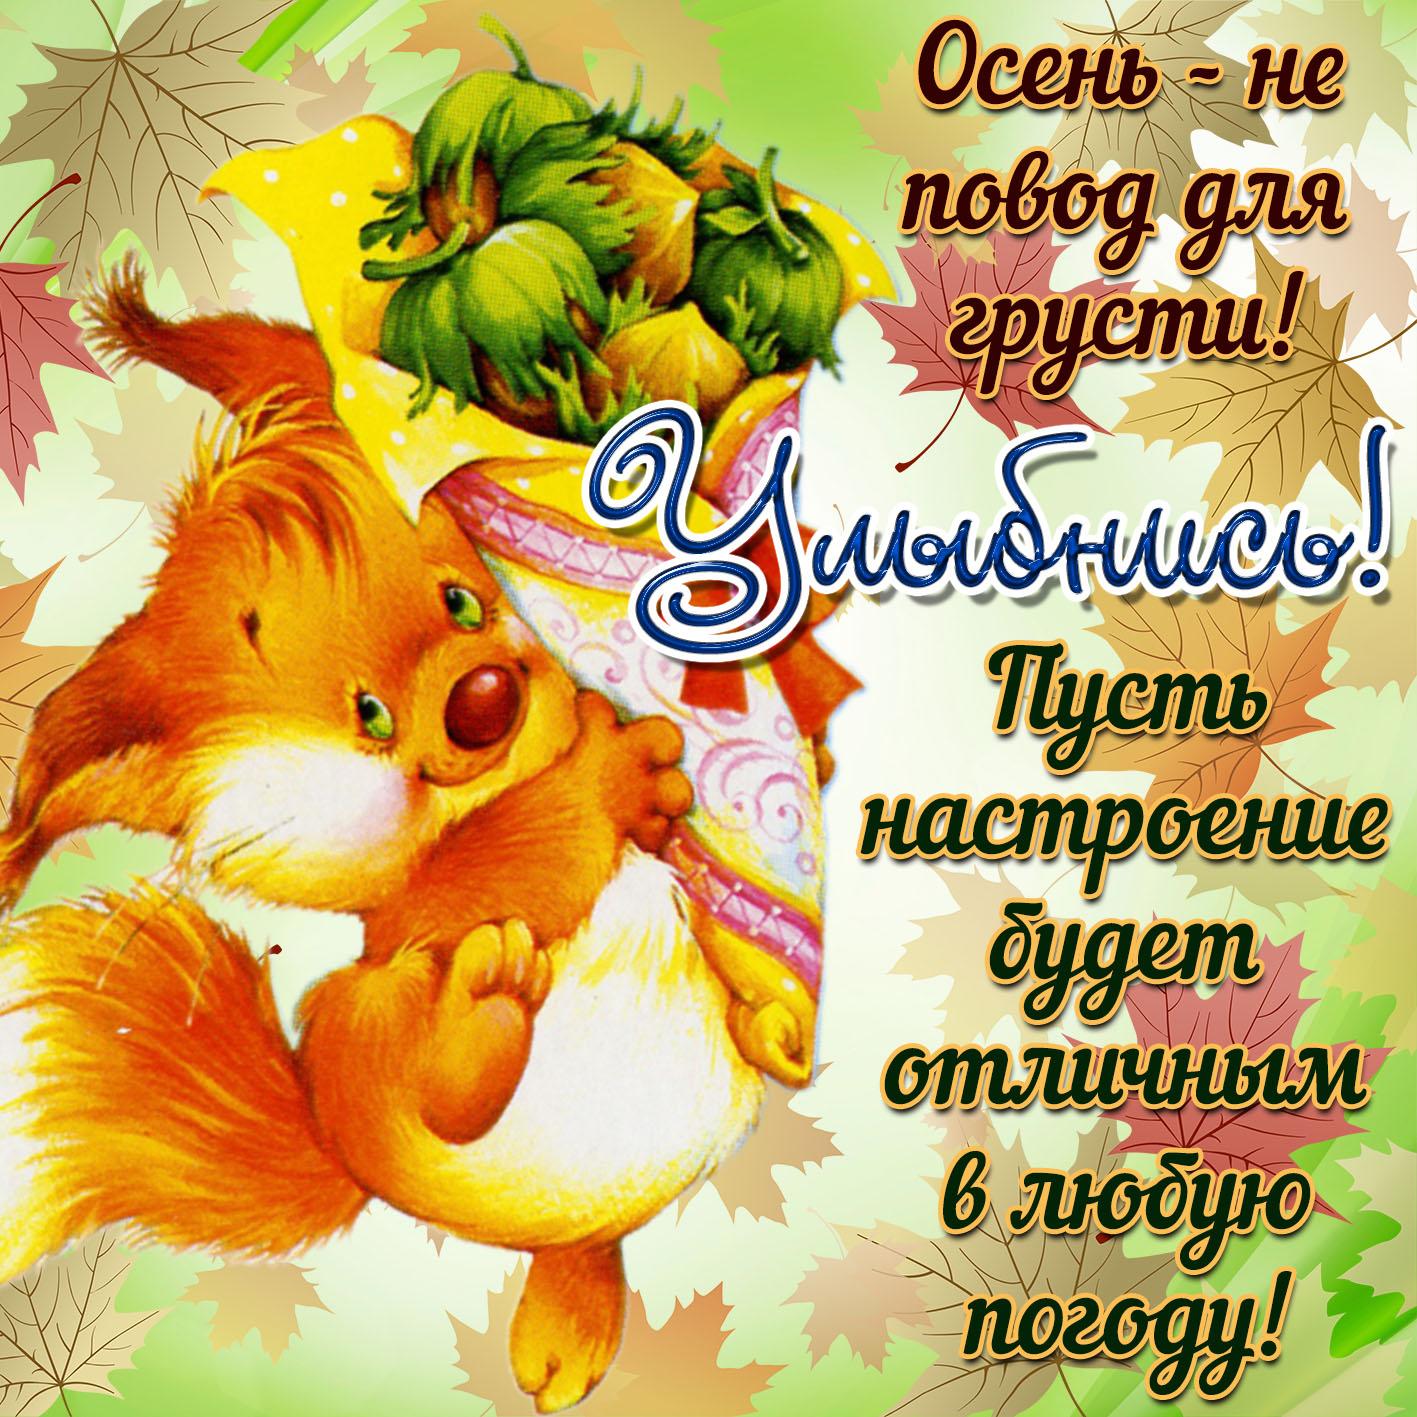 Осень картинки с пожеланиями хорошего